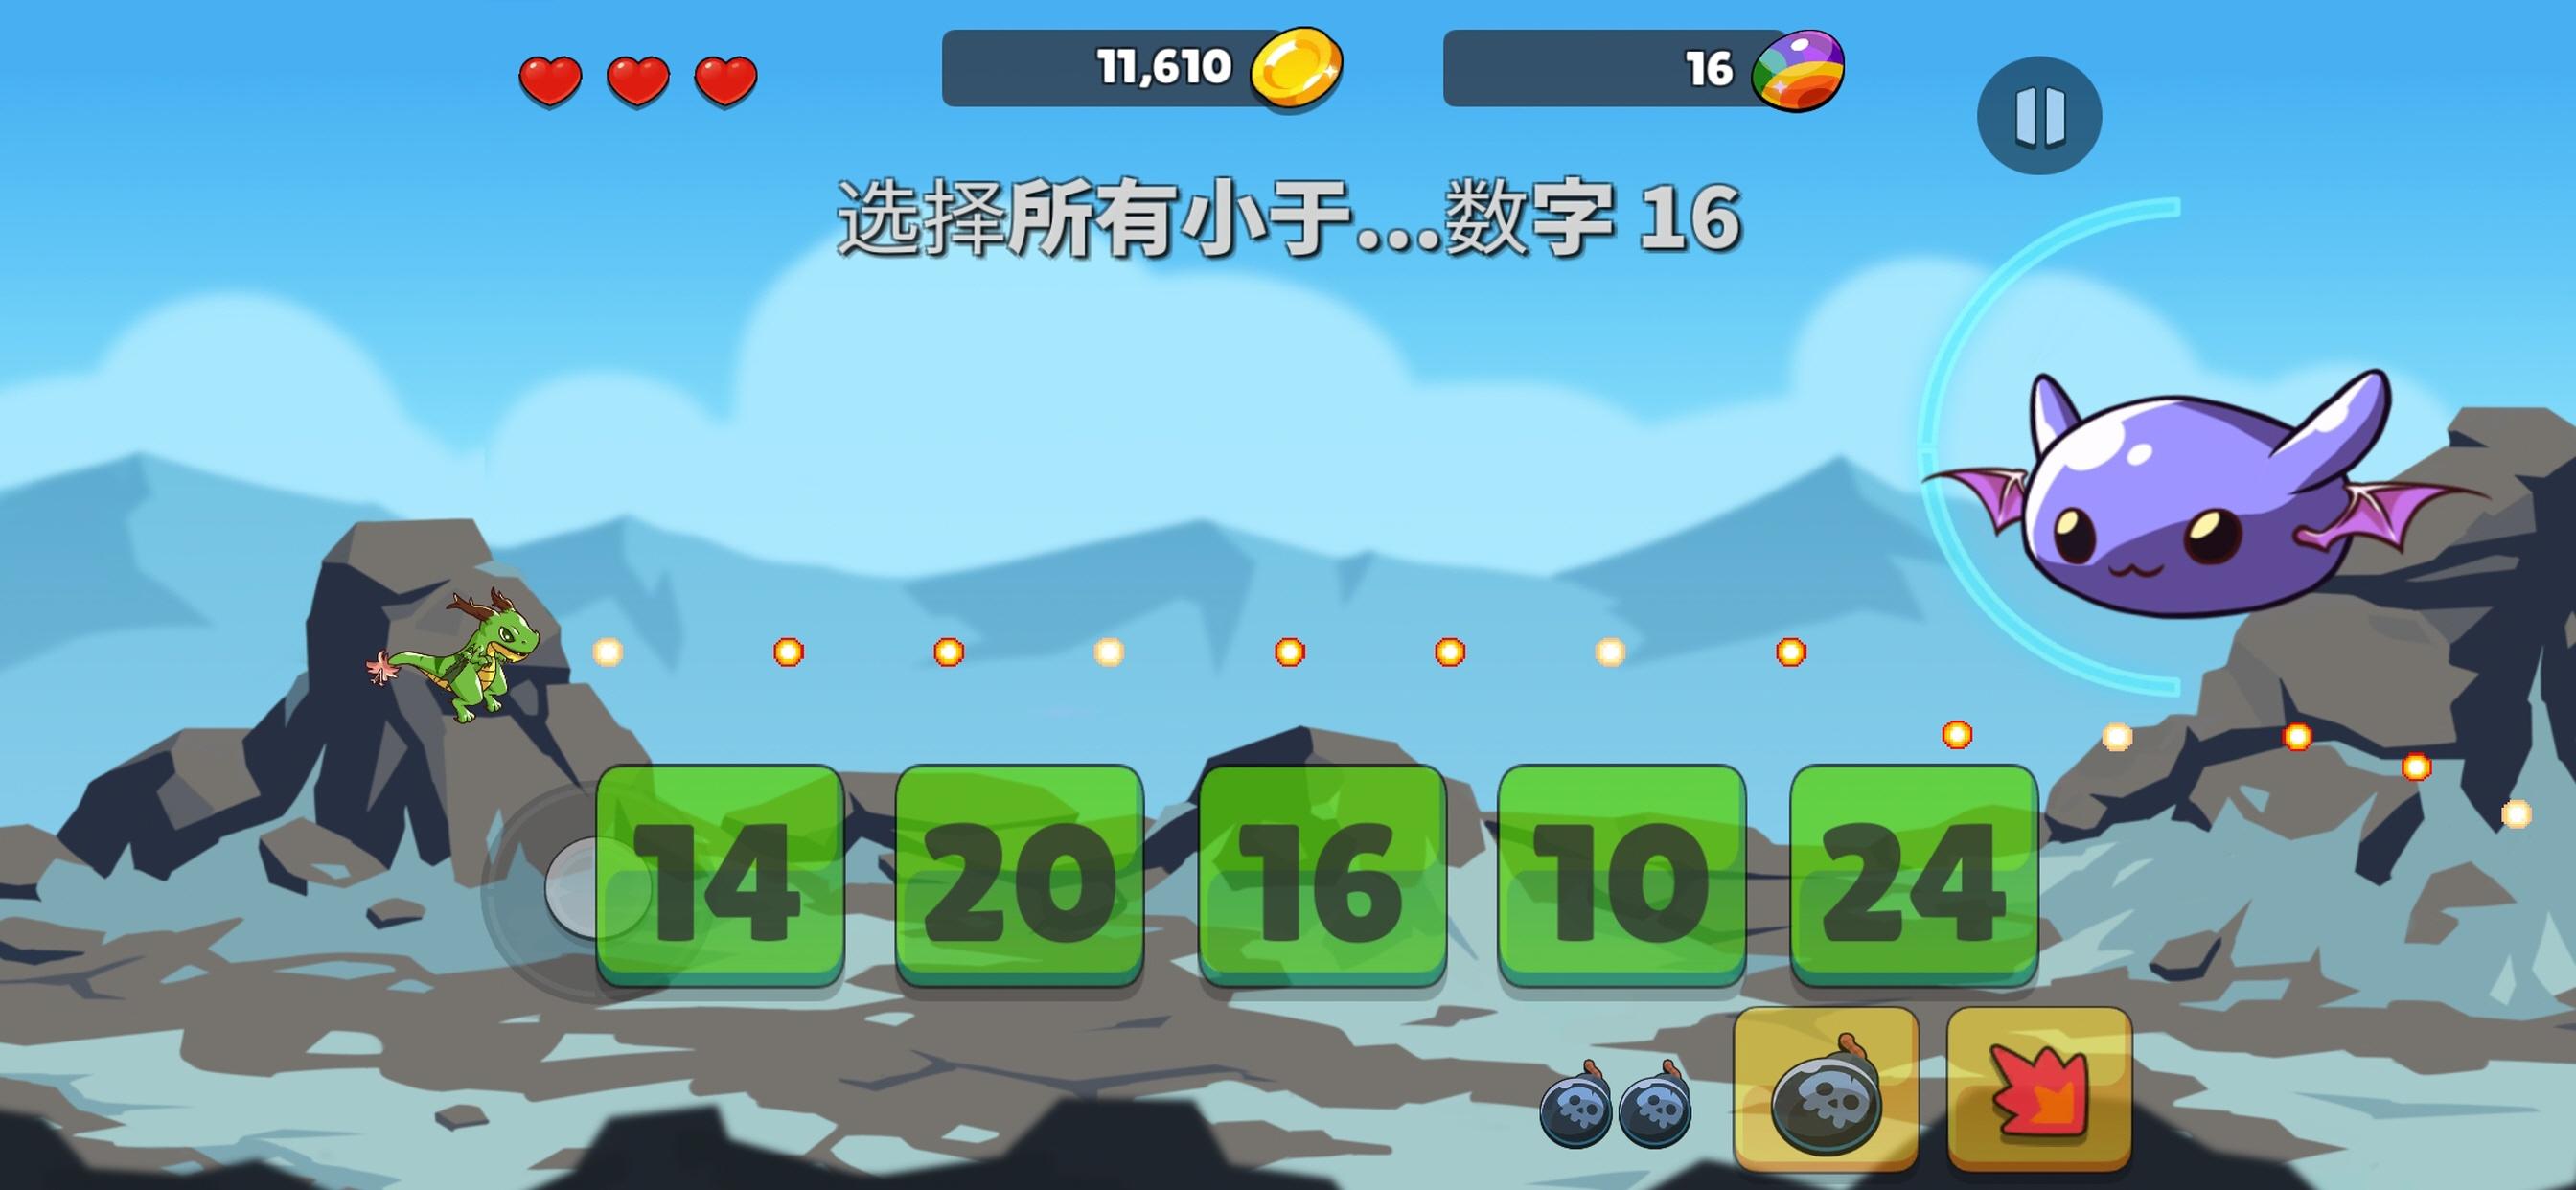 Screenshot 1: 数学射击游戏 : 为孩子们学习数学